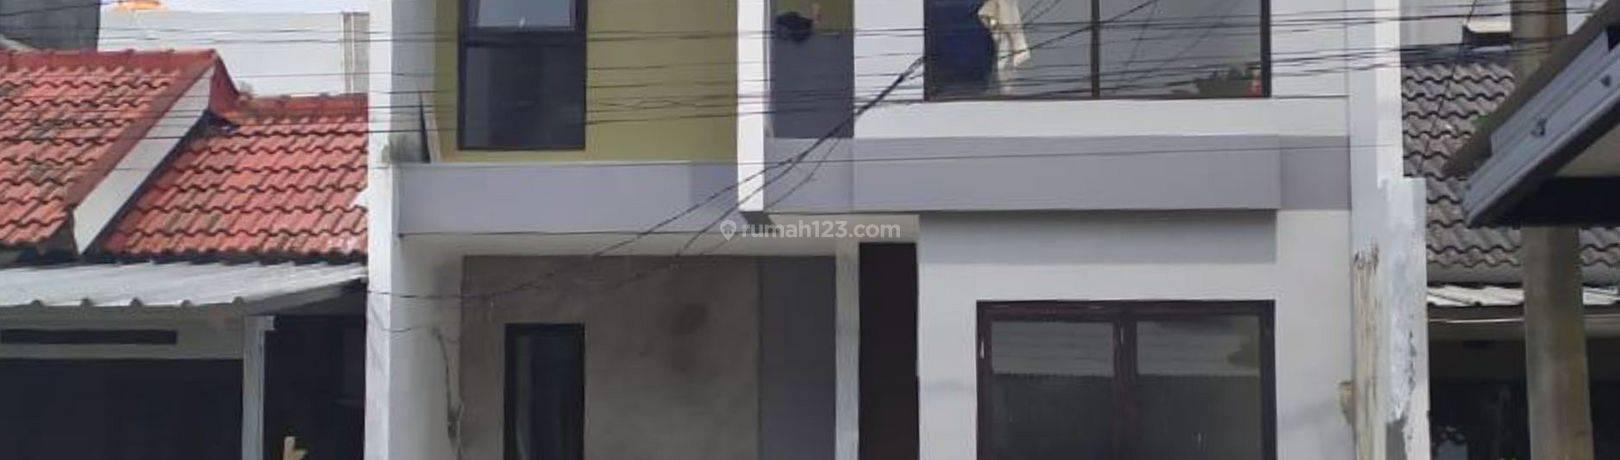 Rumah Exclusive - Desain Mandiri minimalis Industrial di Kawasan Graha Bintaro Siap huni, Siap KPR, SHM